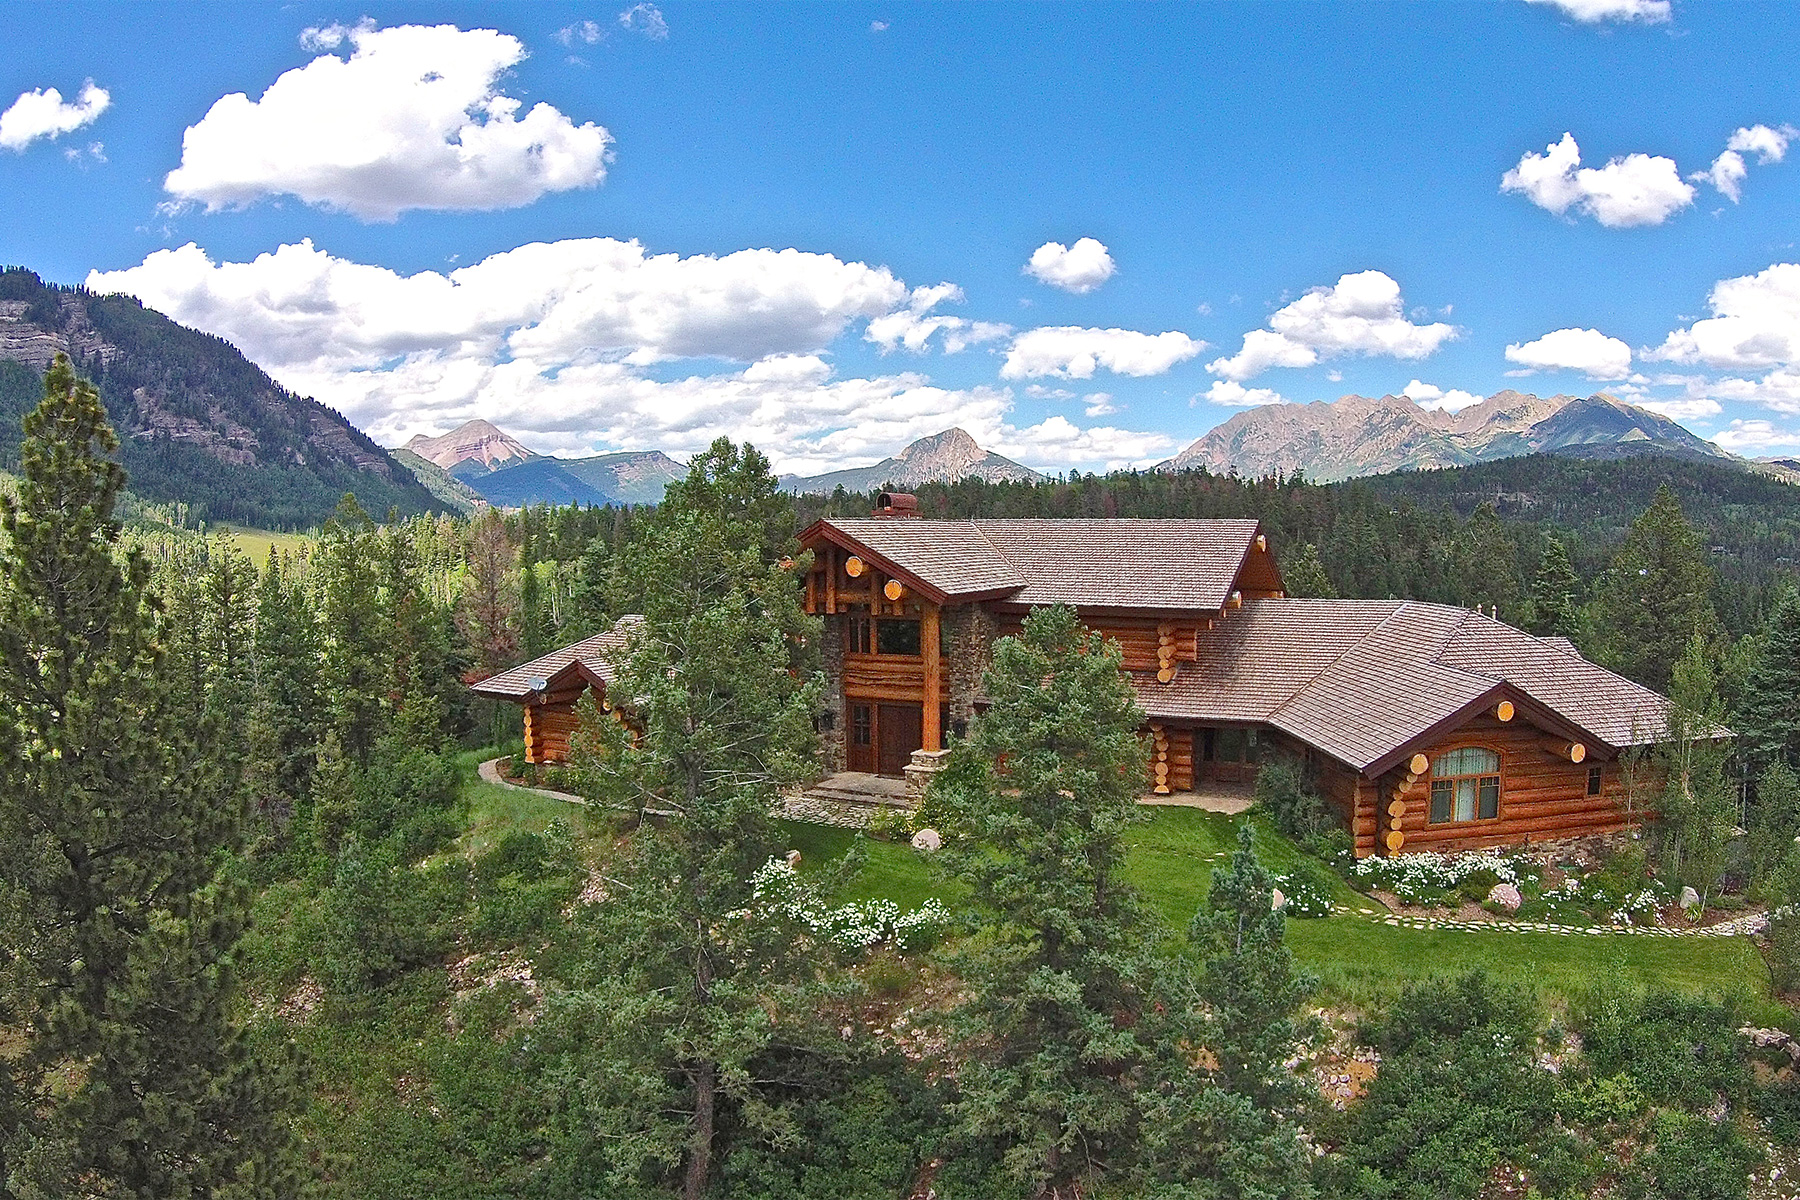 단독 가정 주택 용 매매 에 Mountain View Estate 463 & 464 Pinnacle View Drive Durango, 콜로라도, 81301 미국